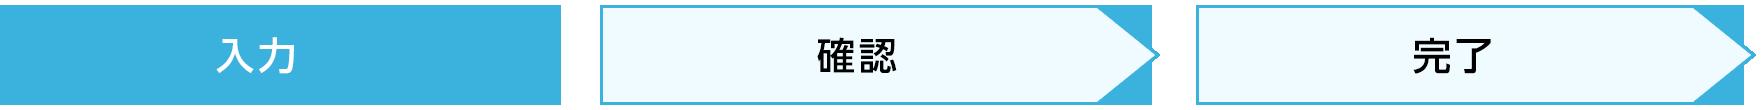 米田柔整専門学校